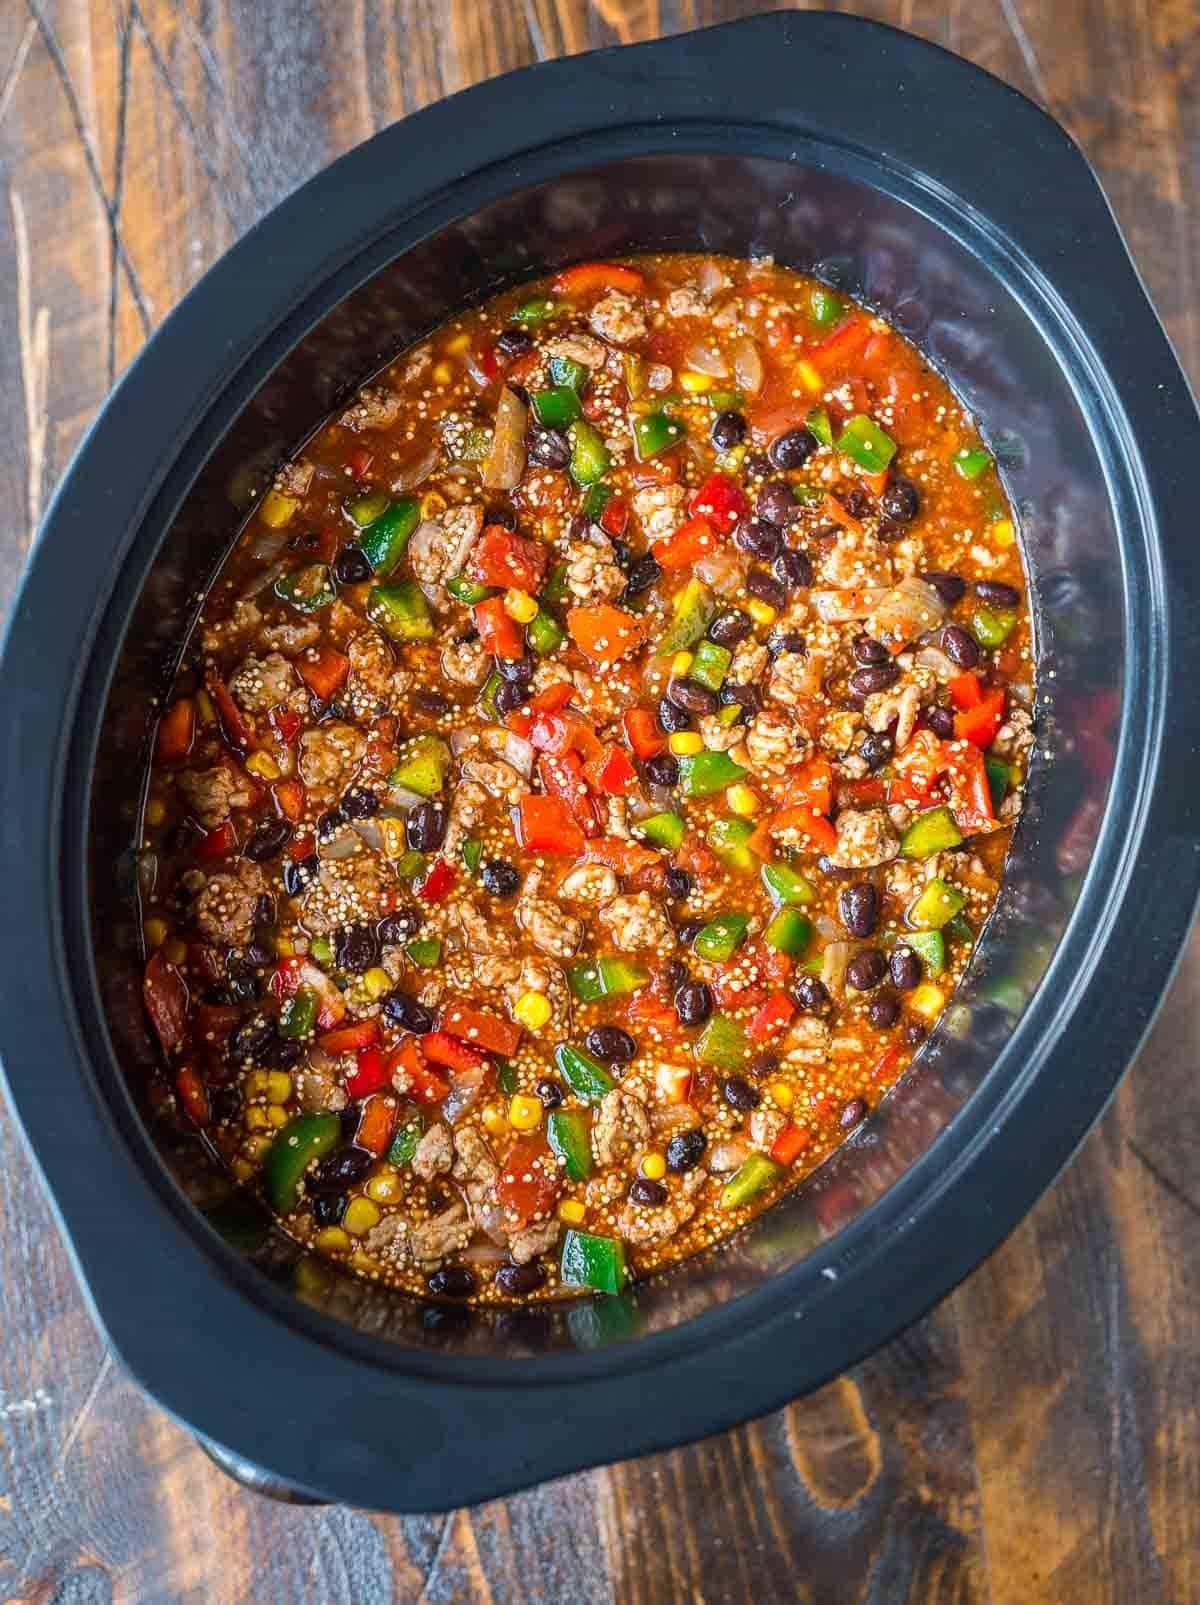 Healthy Mexican Crock Pot Recipes  Crock Pot Mexican Casserole